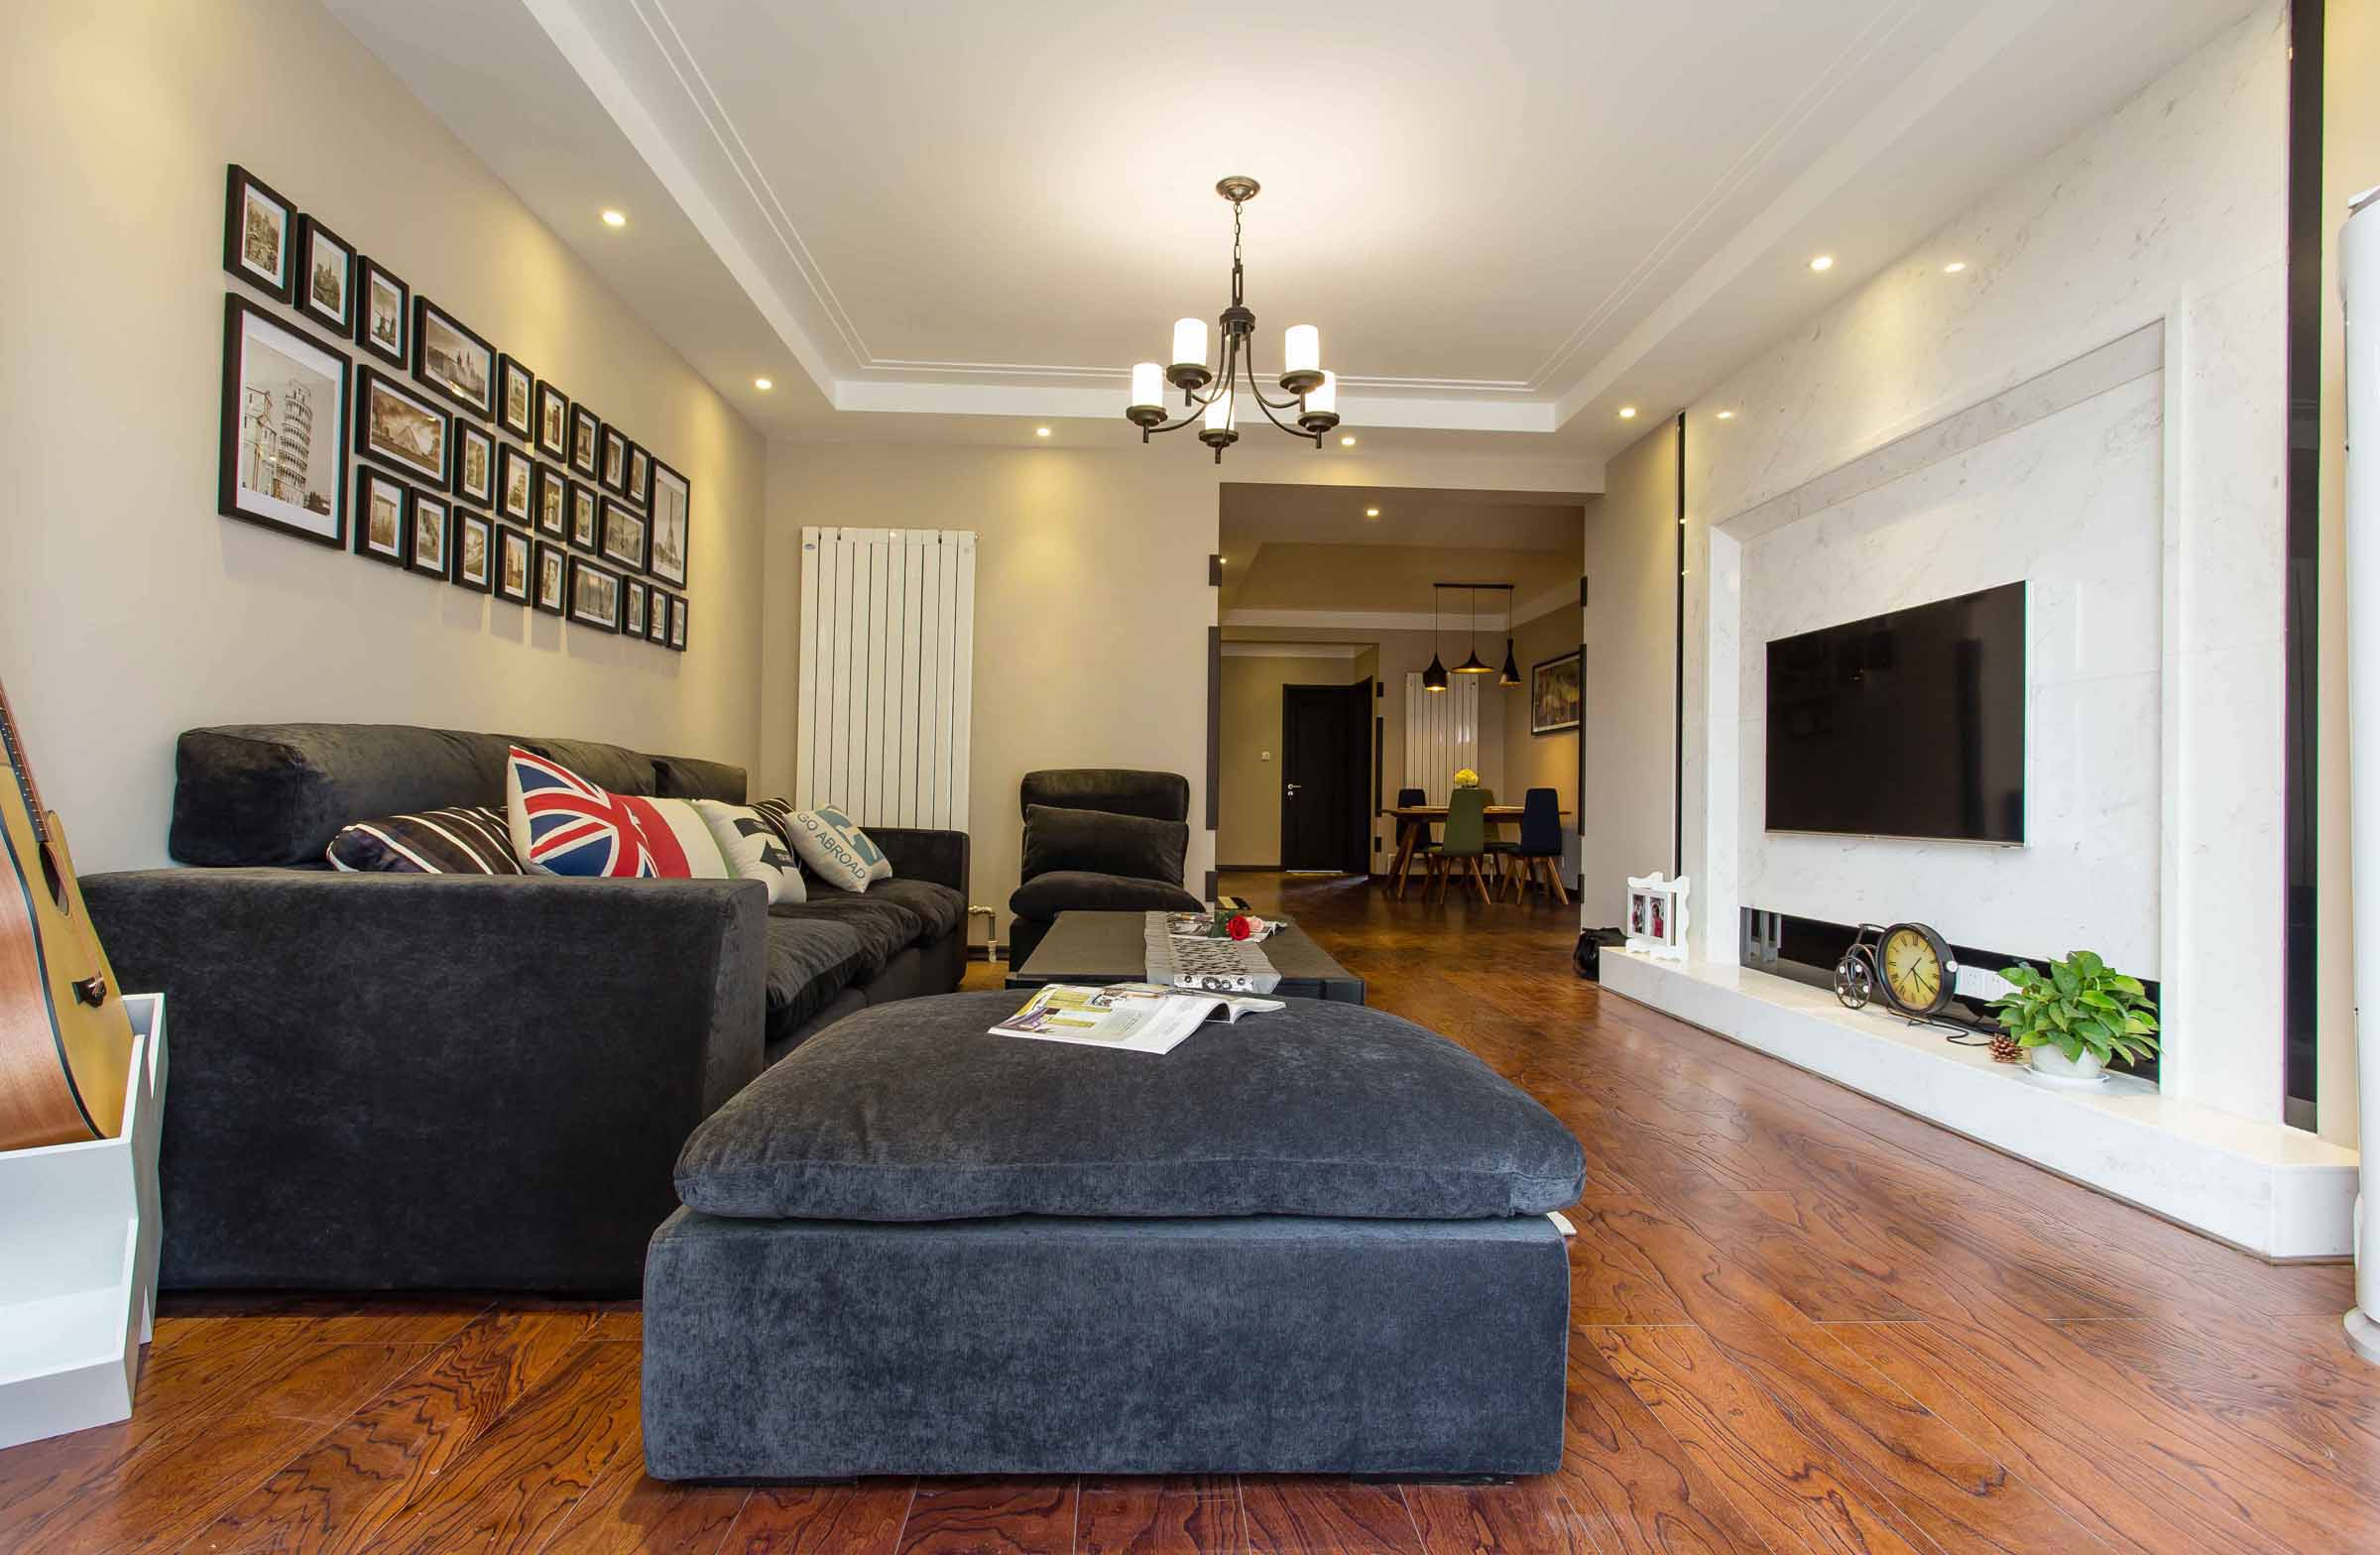 客厅的地面整个以木质为铺贴,顶面则是以白色的乳胶漆刷至而成,整个贞洁雅致之感